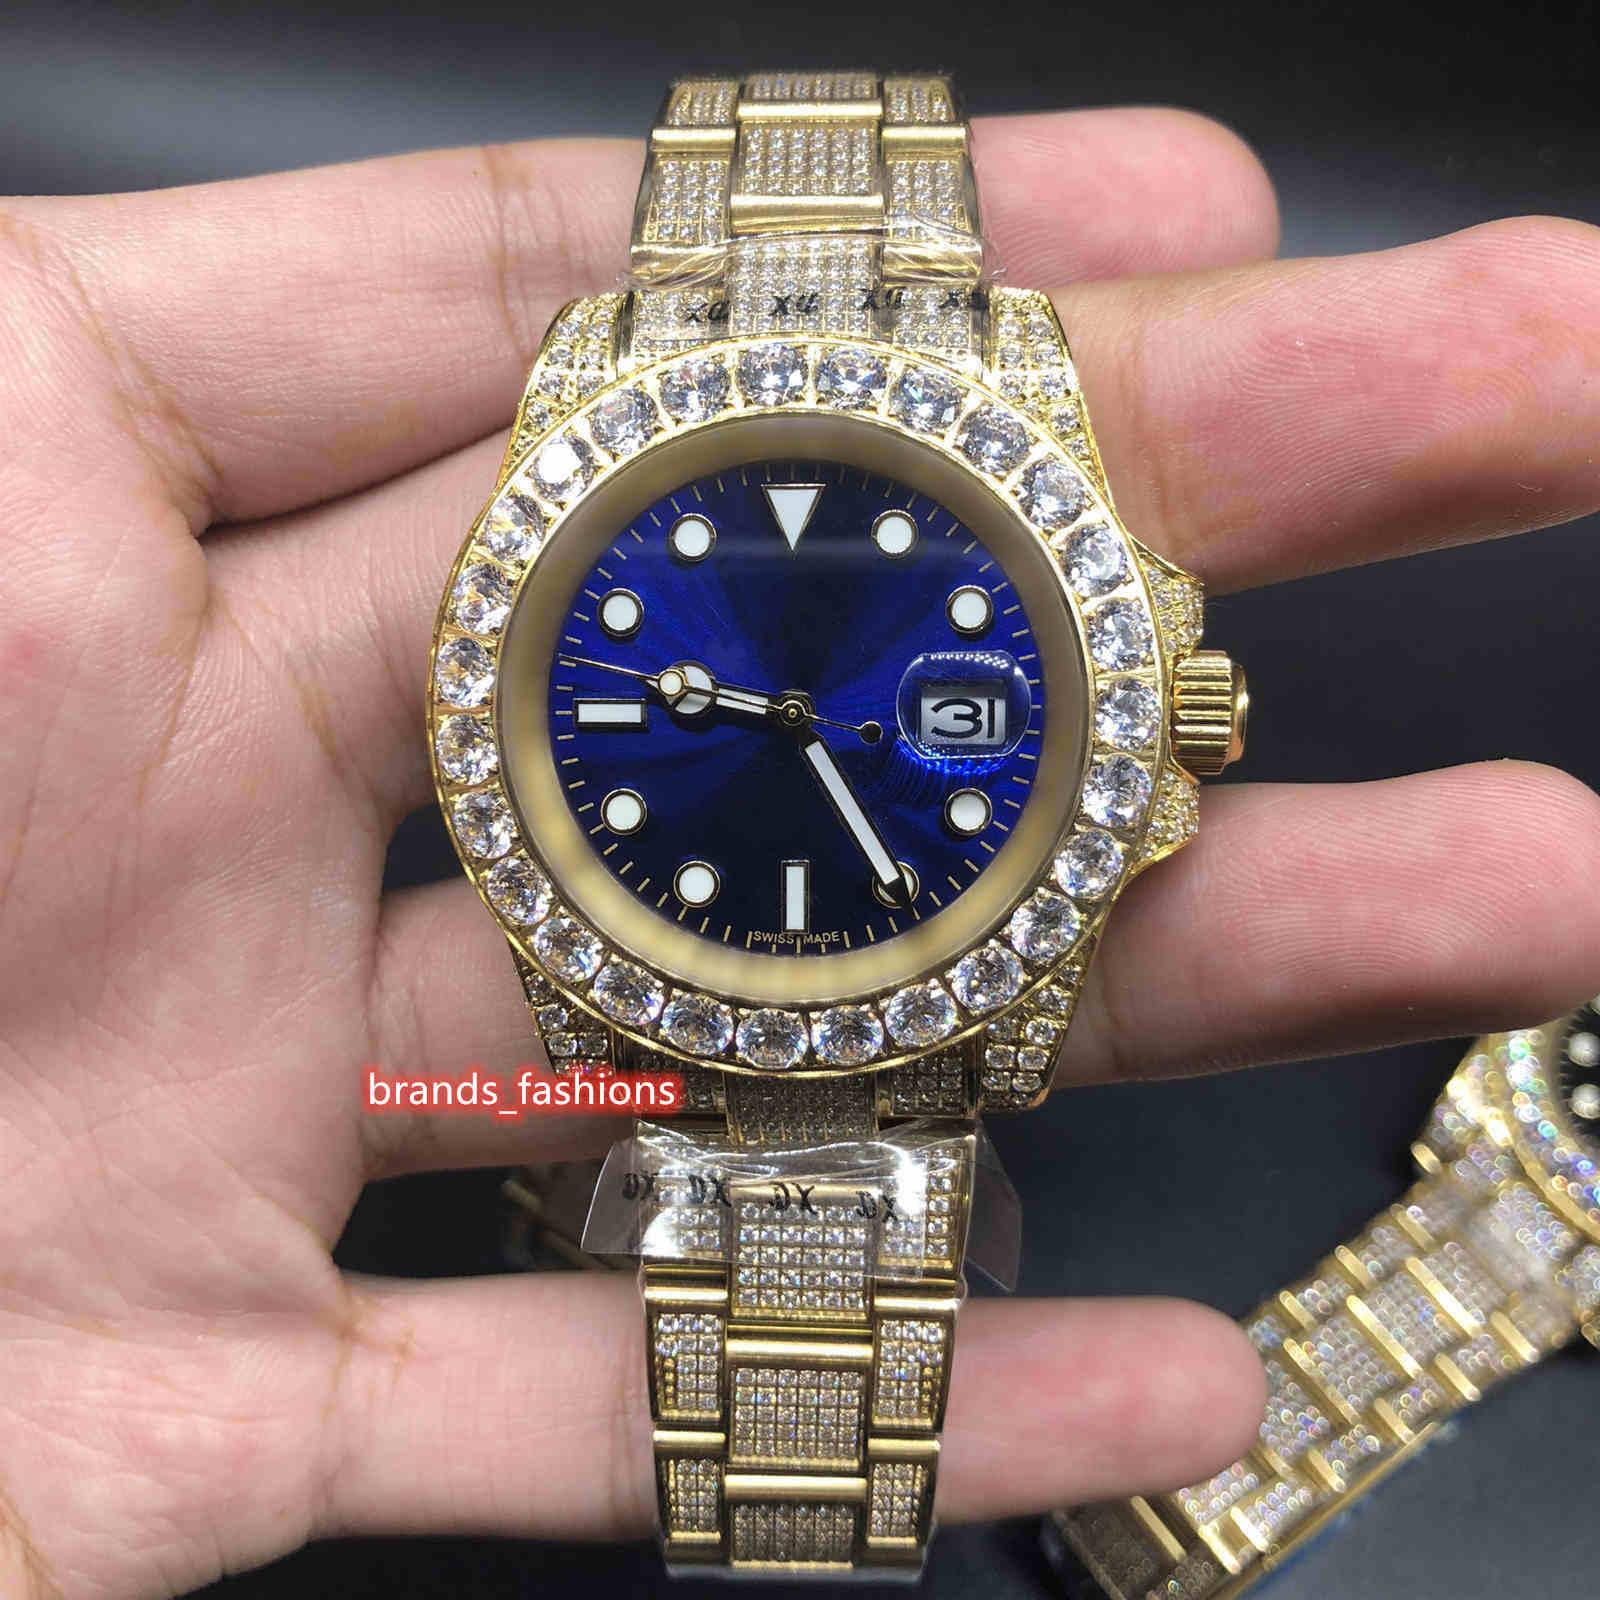 Neue verbesserte Version der Herren-Eishockey-Diamant-Uhr Gold-Edelstahl-Kasten-Bügel-Uhr-automatische mechanische Armbanduhr